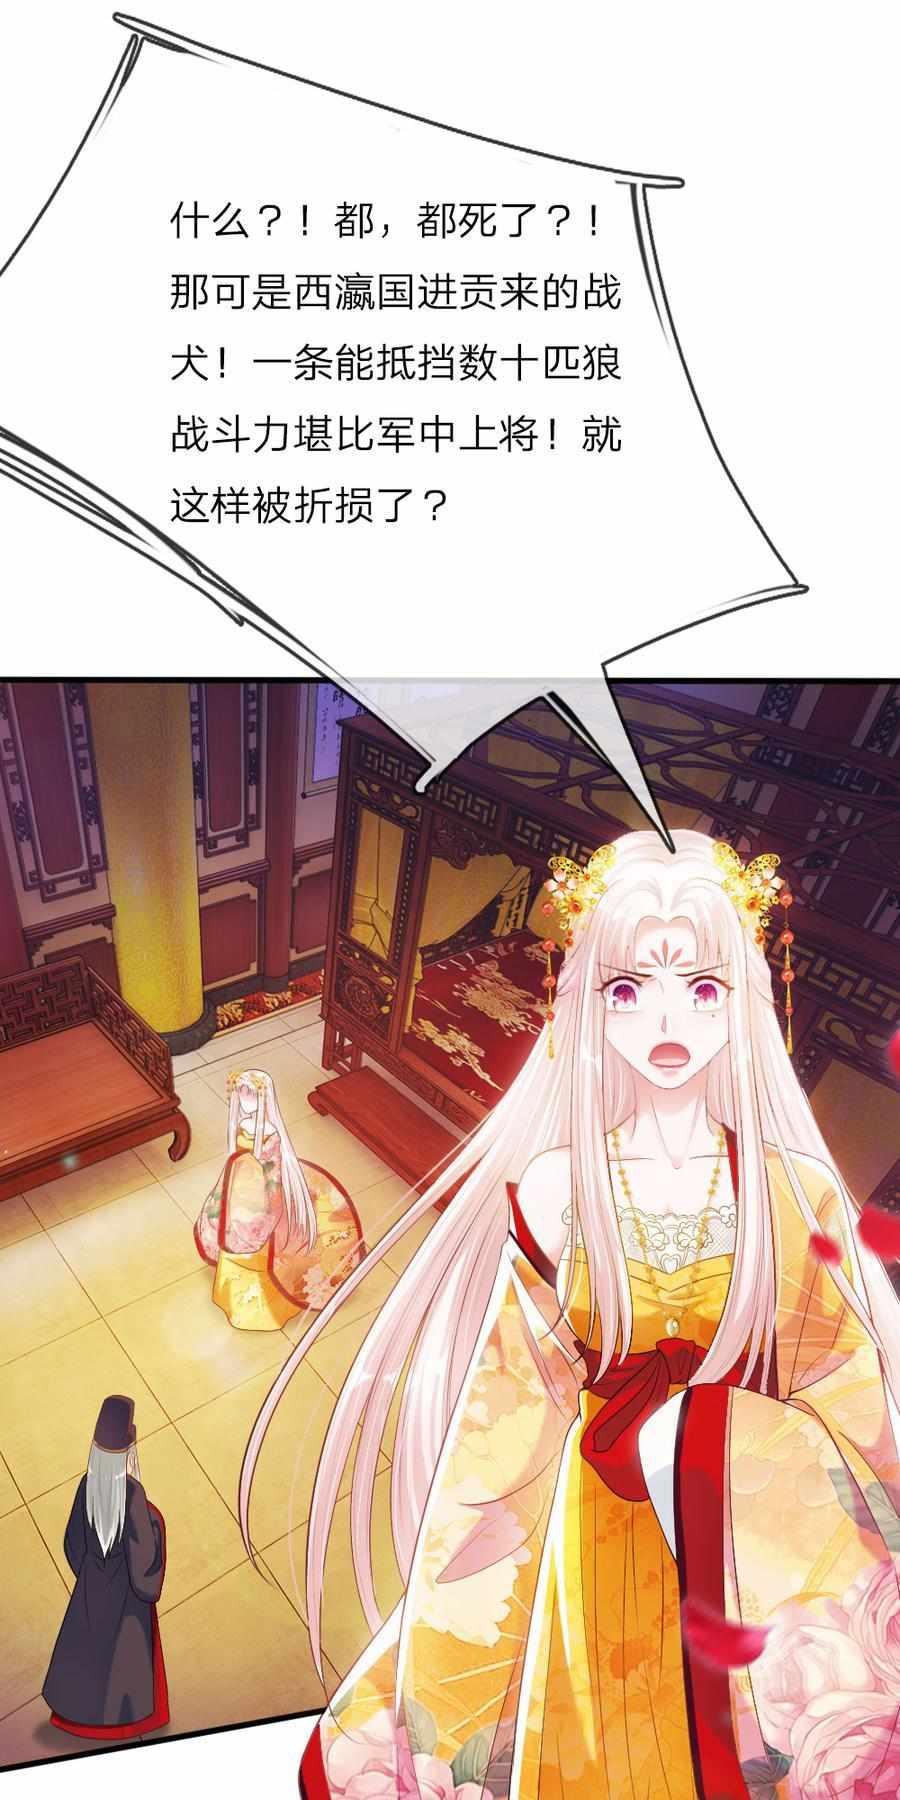 温柔暴君:摄政王爷太凶猛第3话  第3话 奉旨暖床 第 11